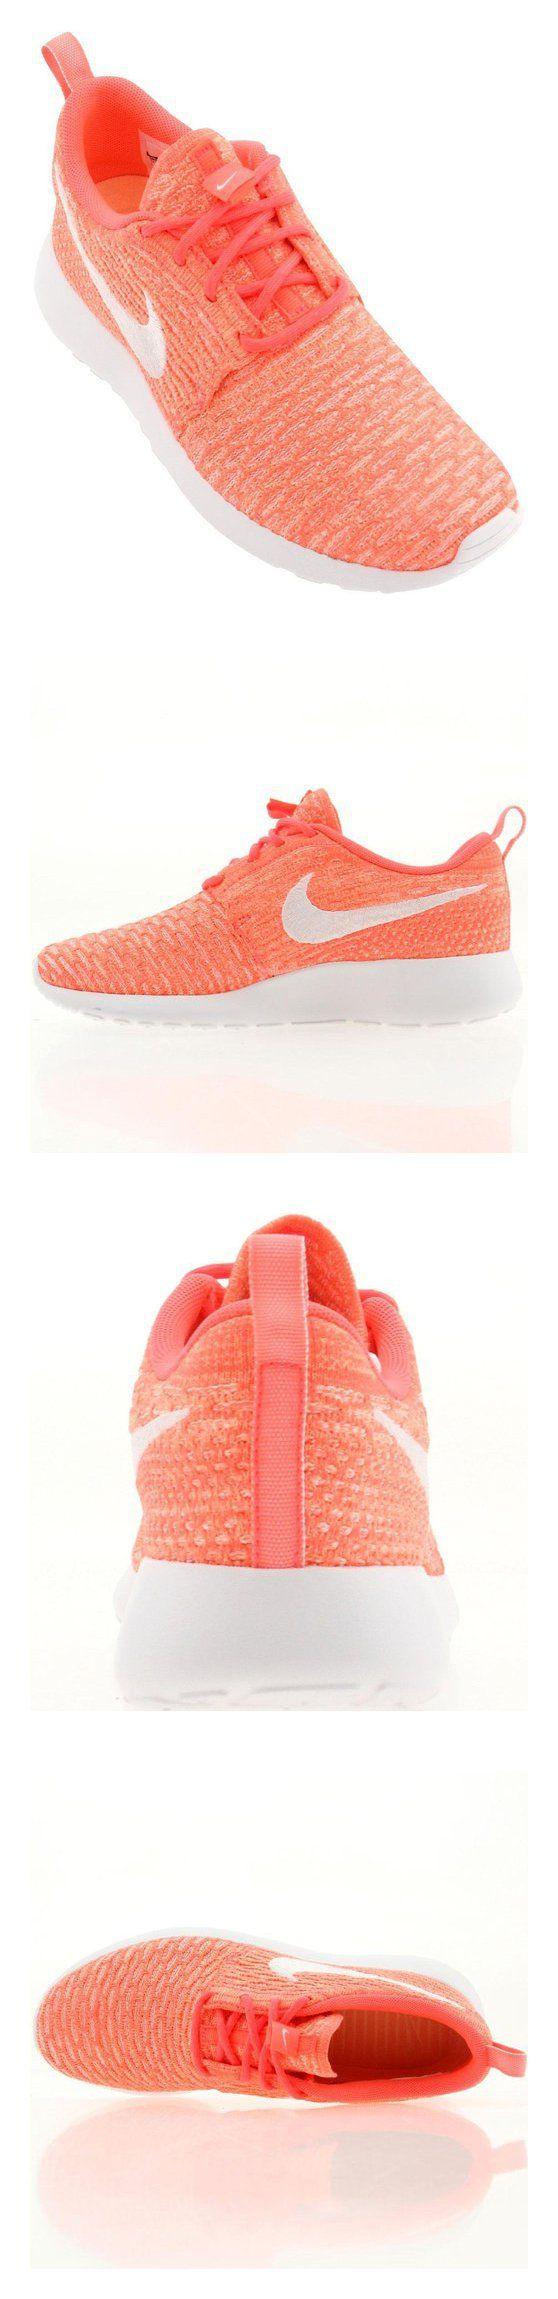 $100 - nike womens rosherun flyknit running trainers 704927 sneakers shoes (uk 3.5 us 6 eu 36.5 #shoes #nike #2011